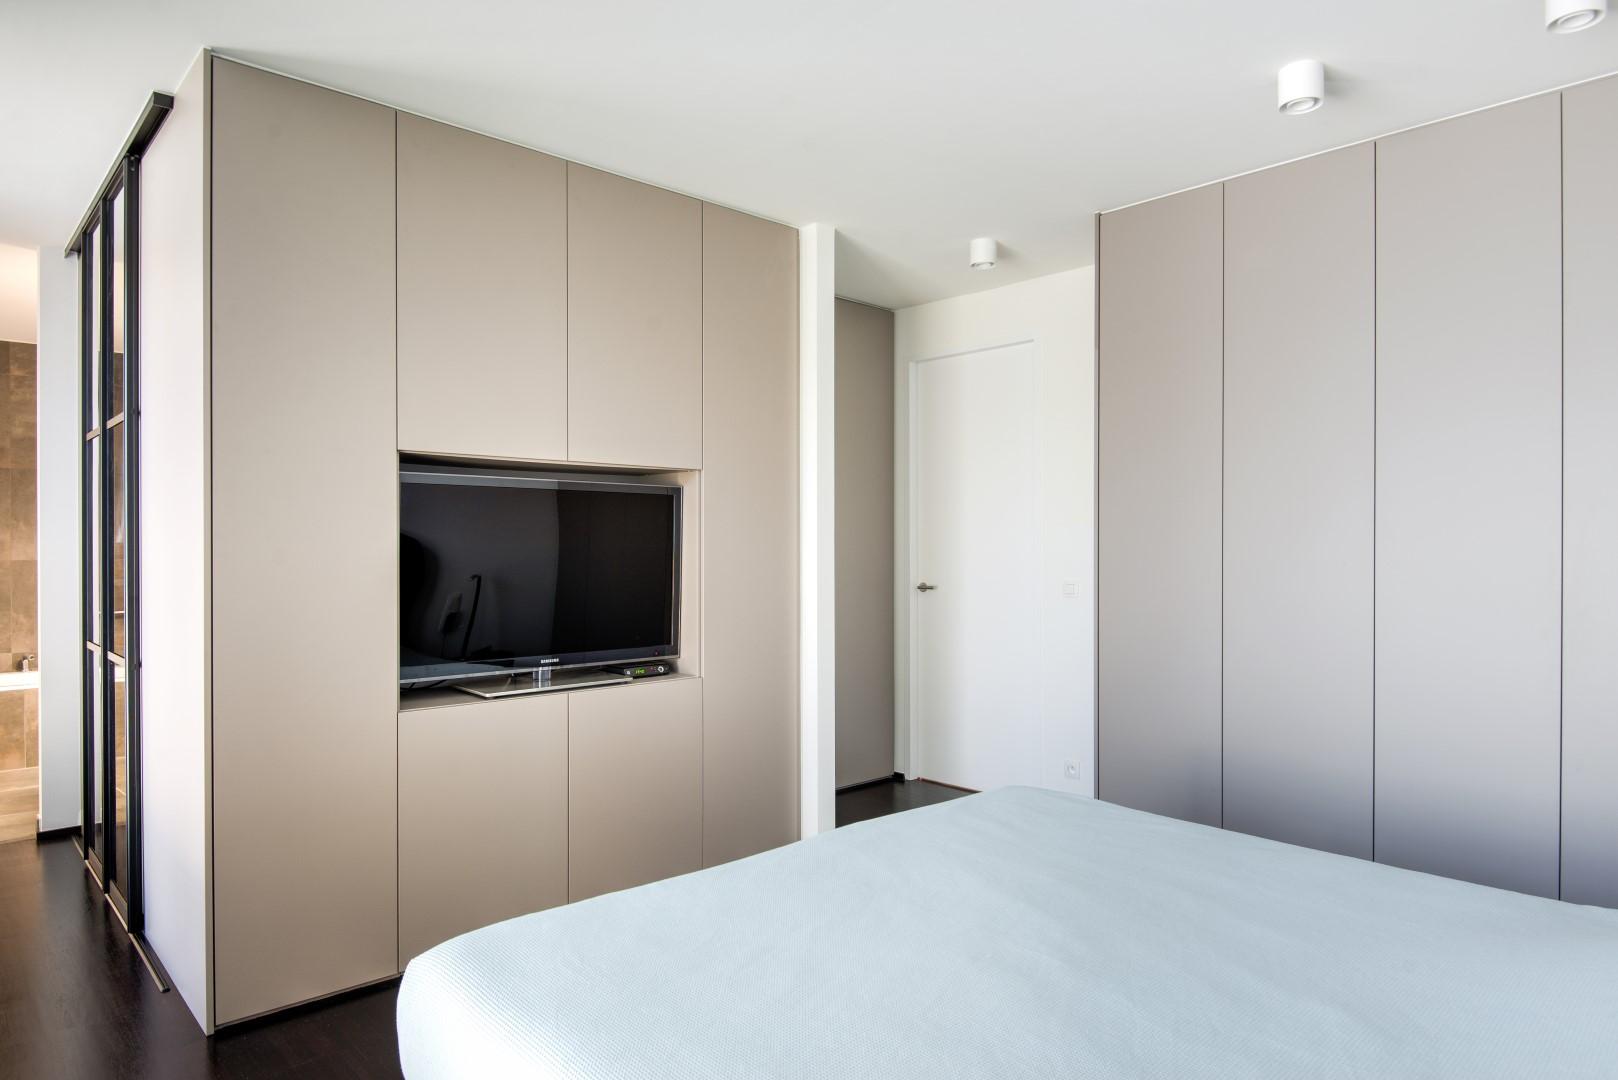 Maatkasten in slaapkamer met ingebouwde TV waarachter een dressing schuilt met een scheidingswand als inkom